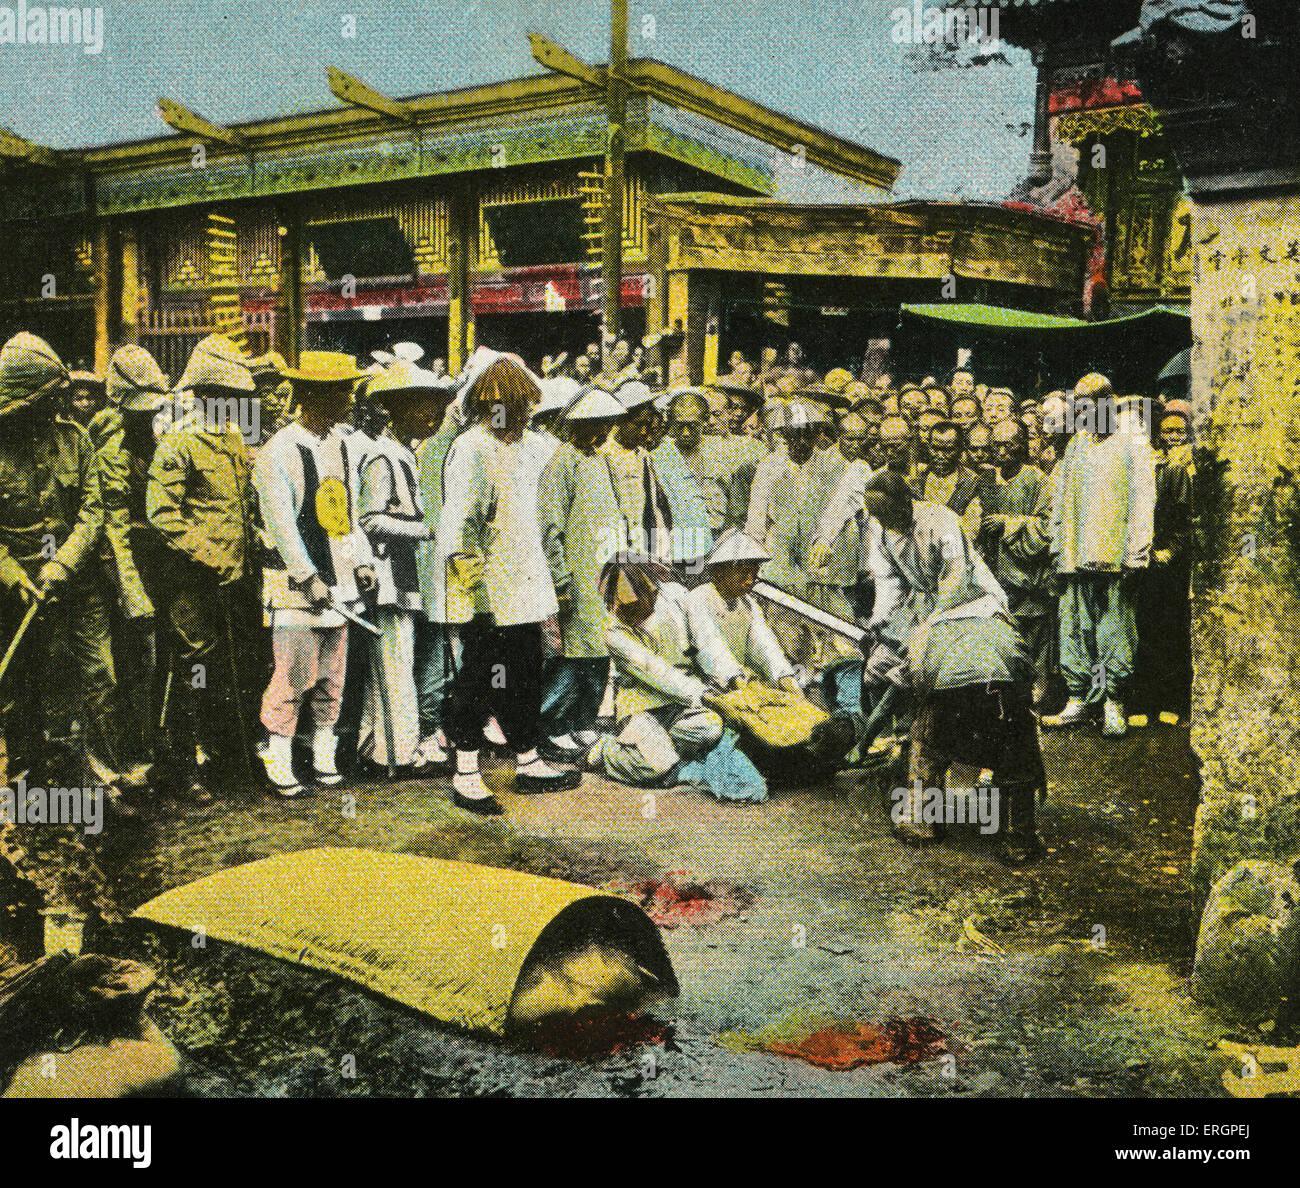 Esecuzione pubblica, una folla di orologi di una decapitazione con la spada. Cina, nei primi anni del XX secolo. Immagini Stock